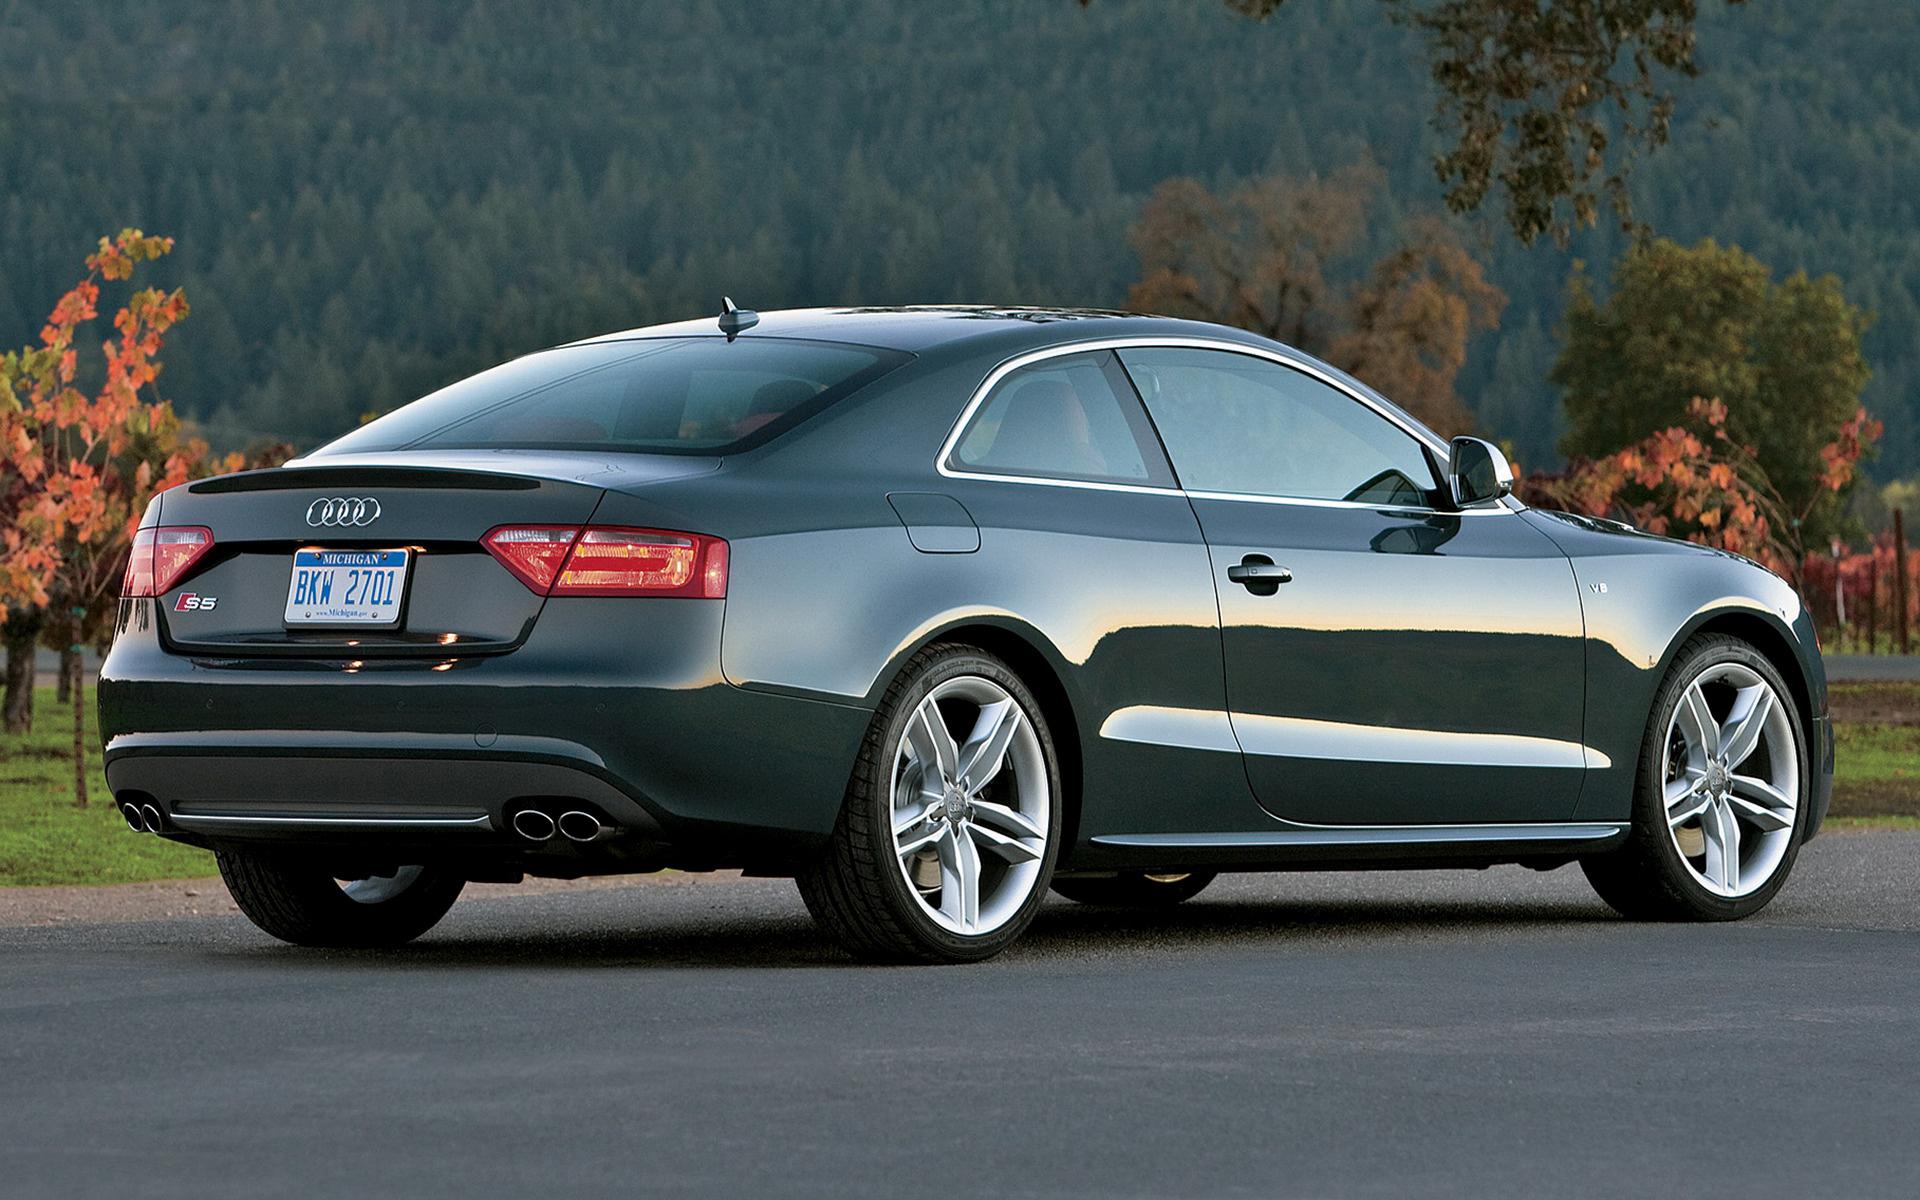 Kelebihan Audi S5 2008 Spesifikasi